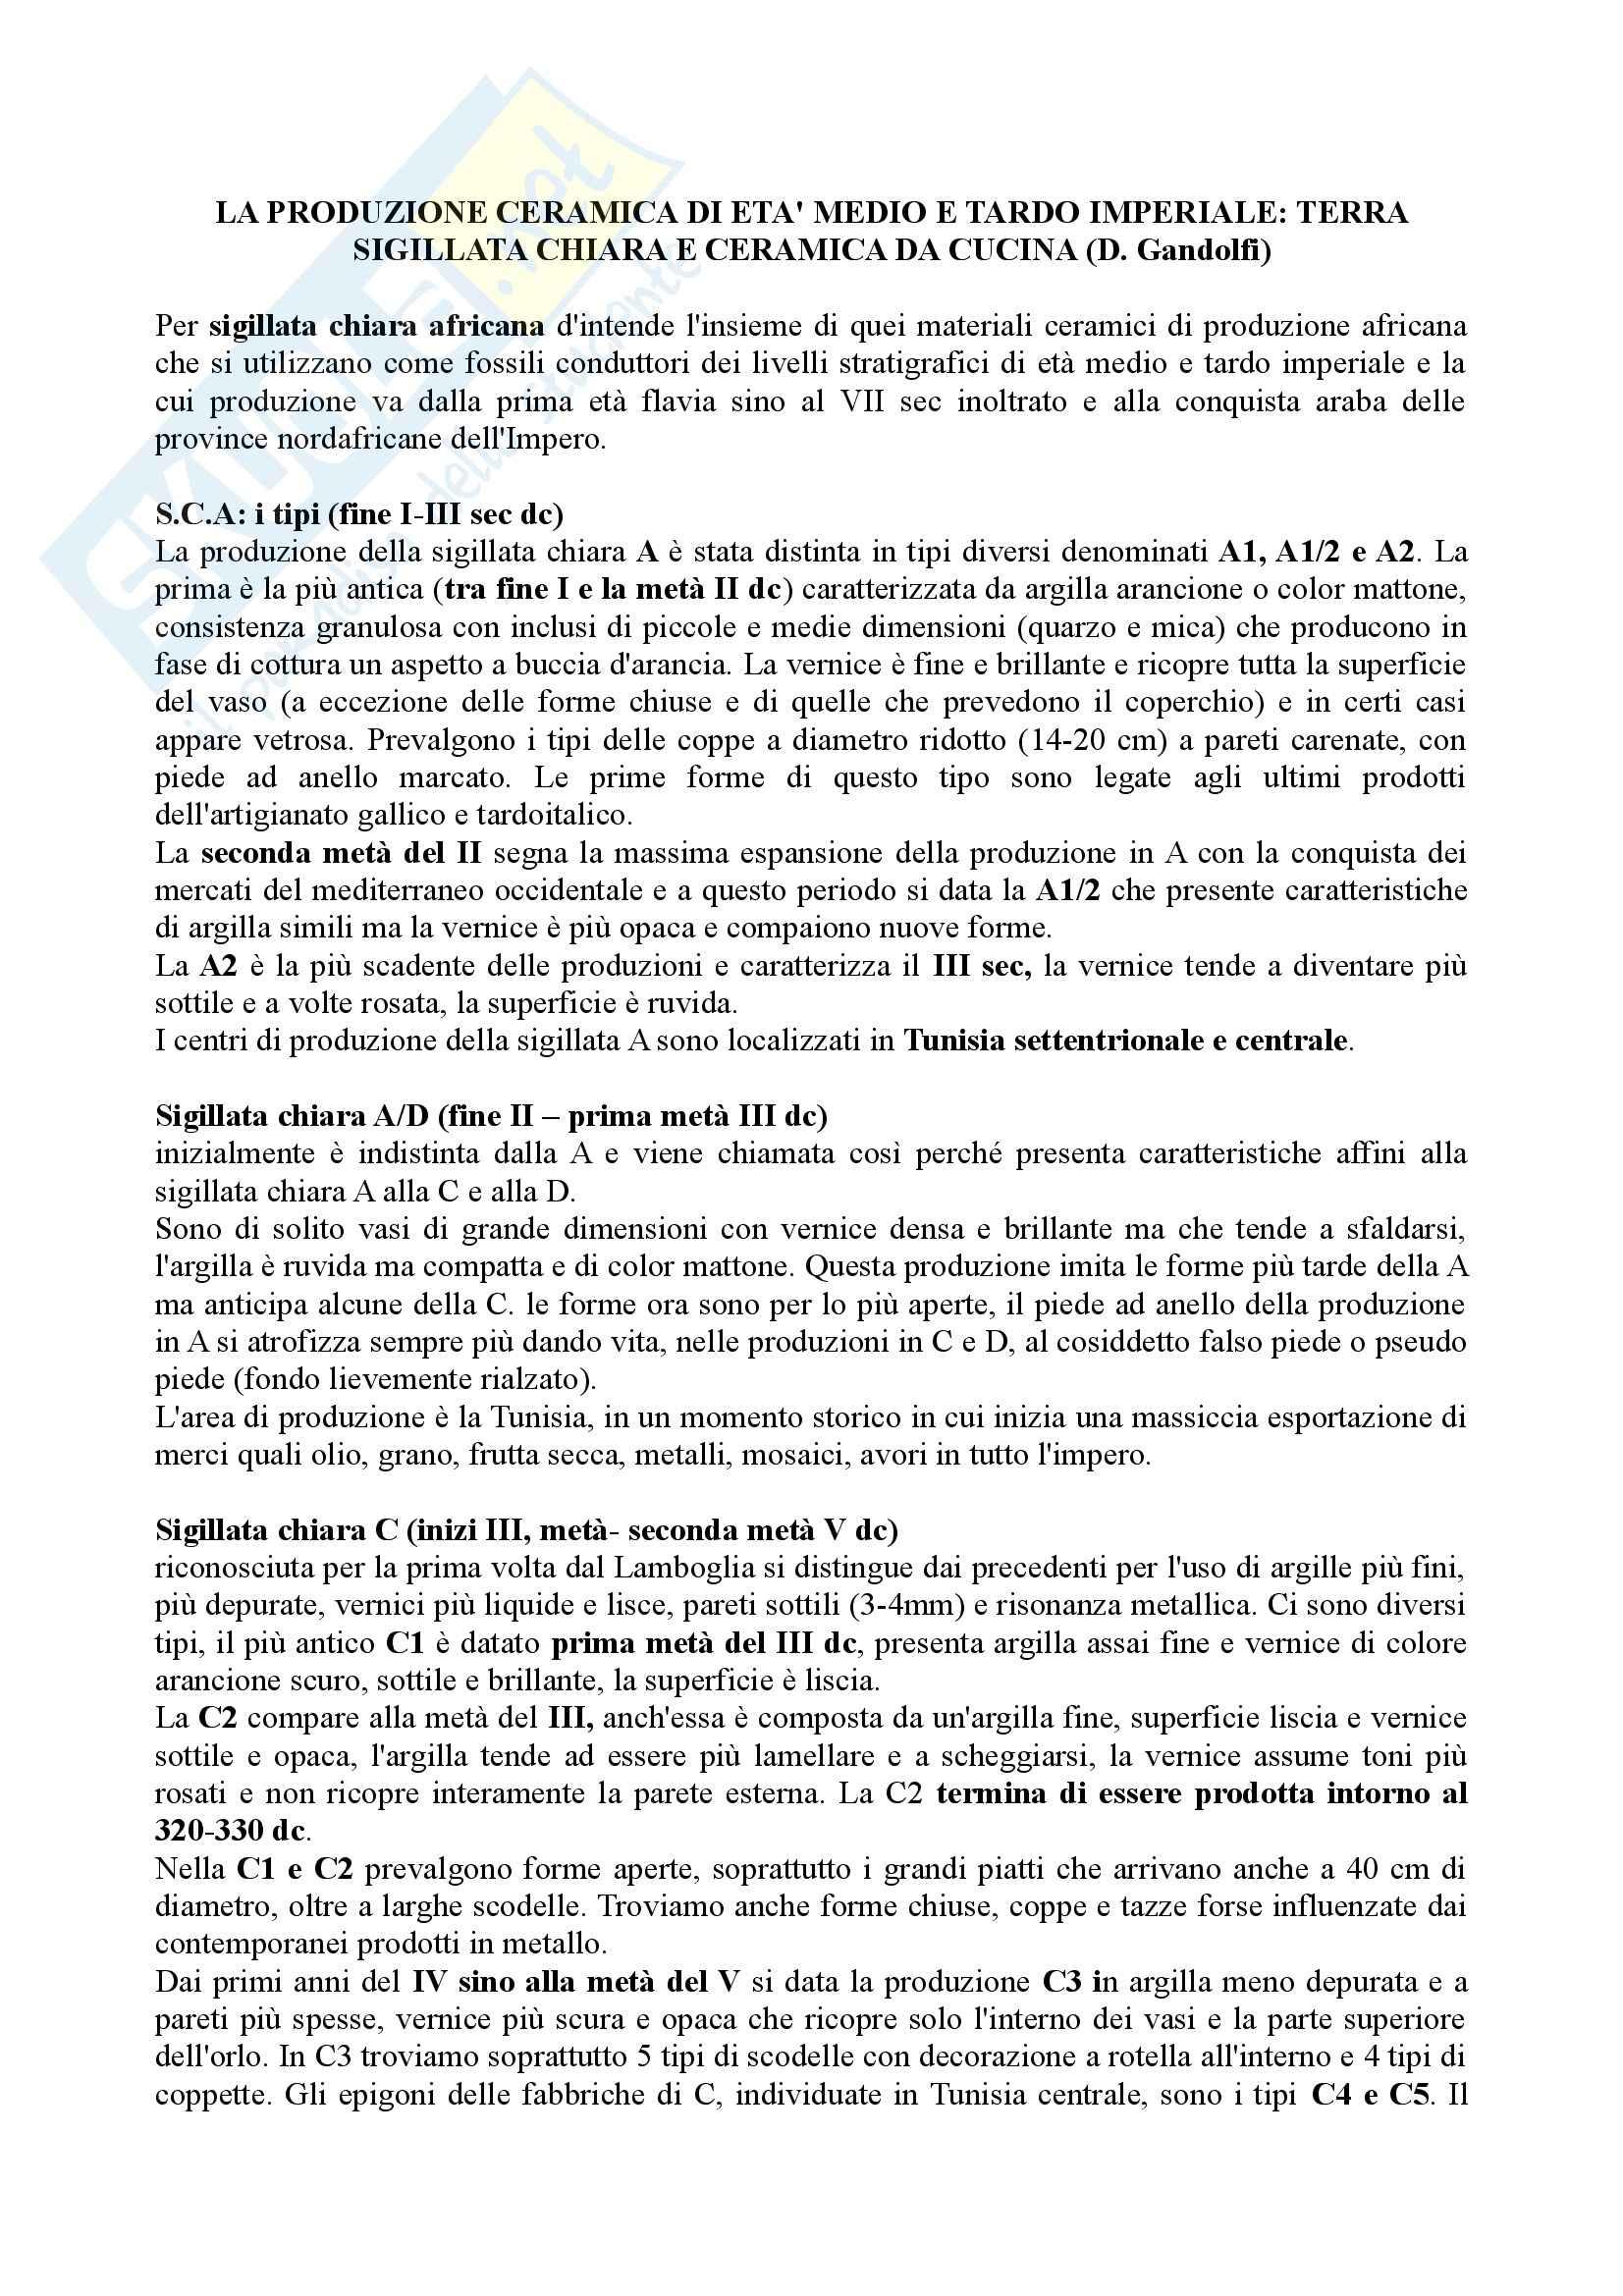 Riassunto esame Archeologia classica romana, prof. Pavolini Pag. 11